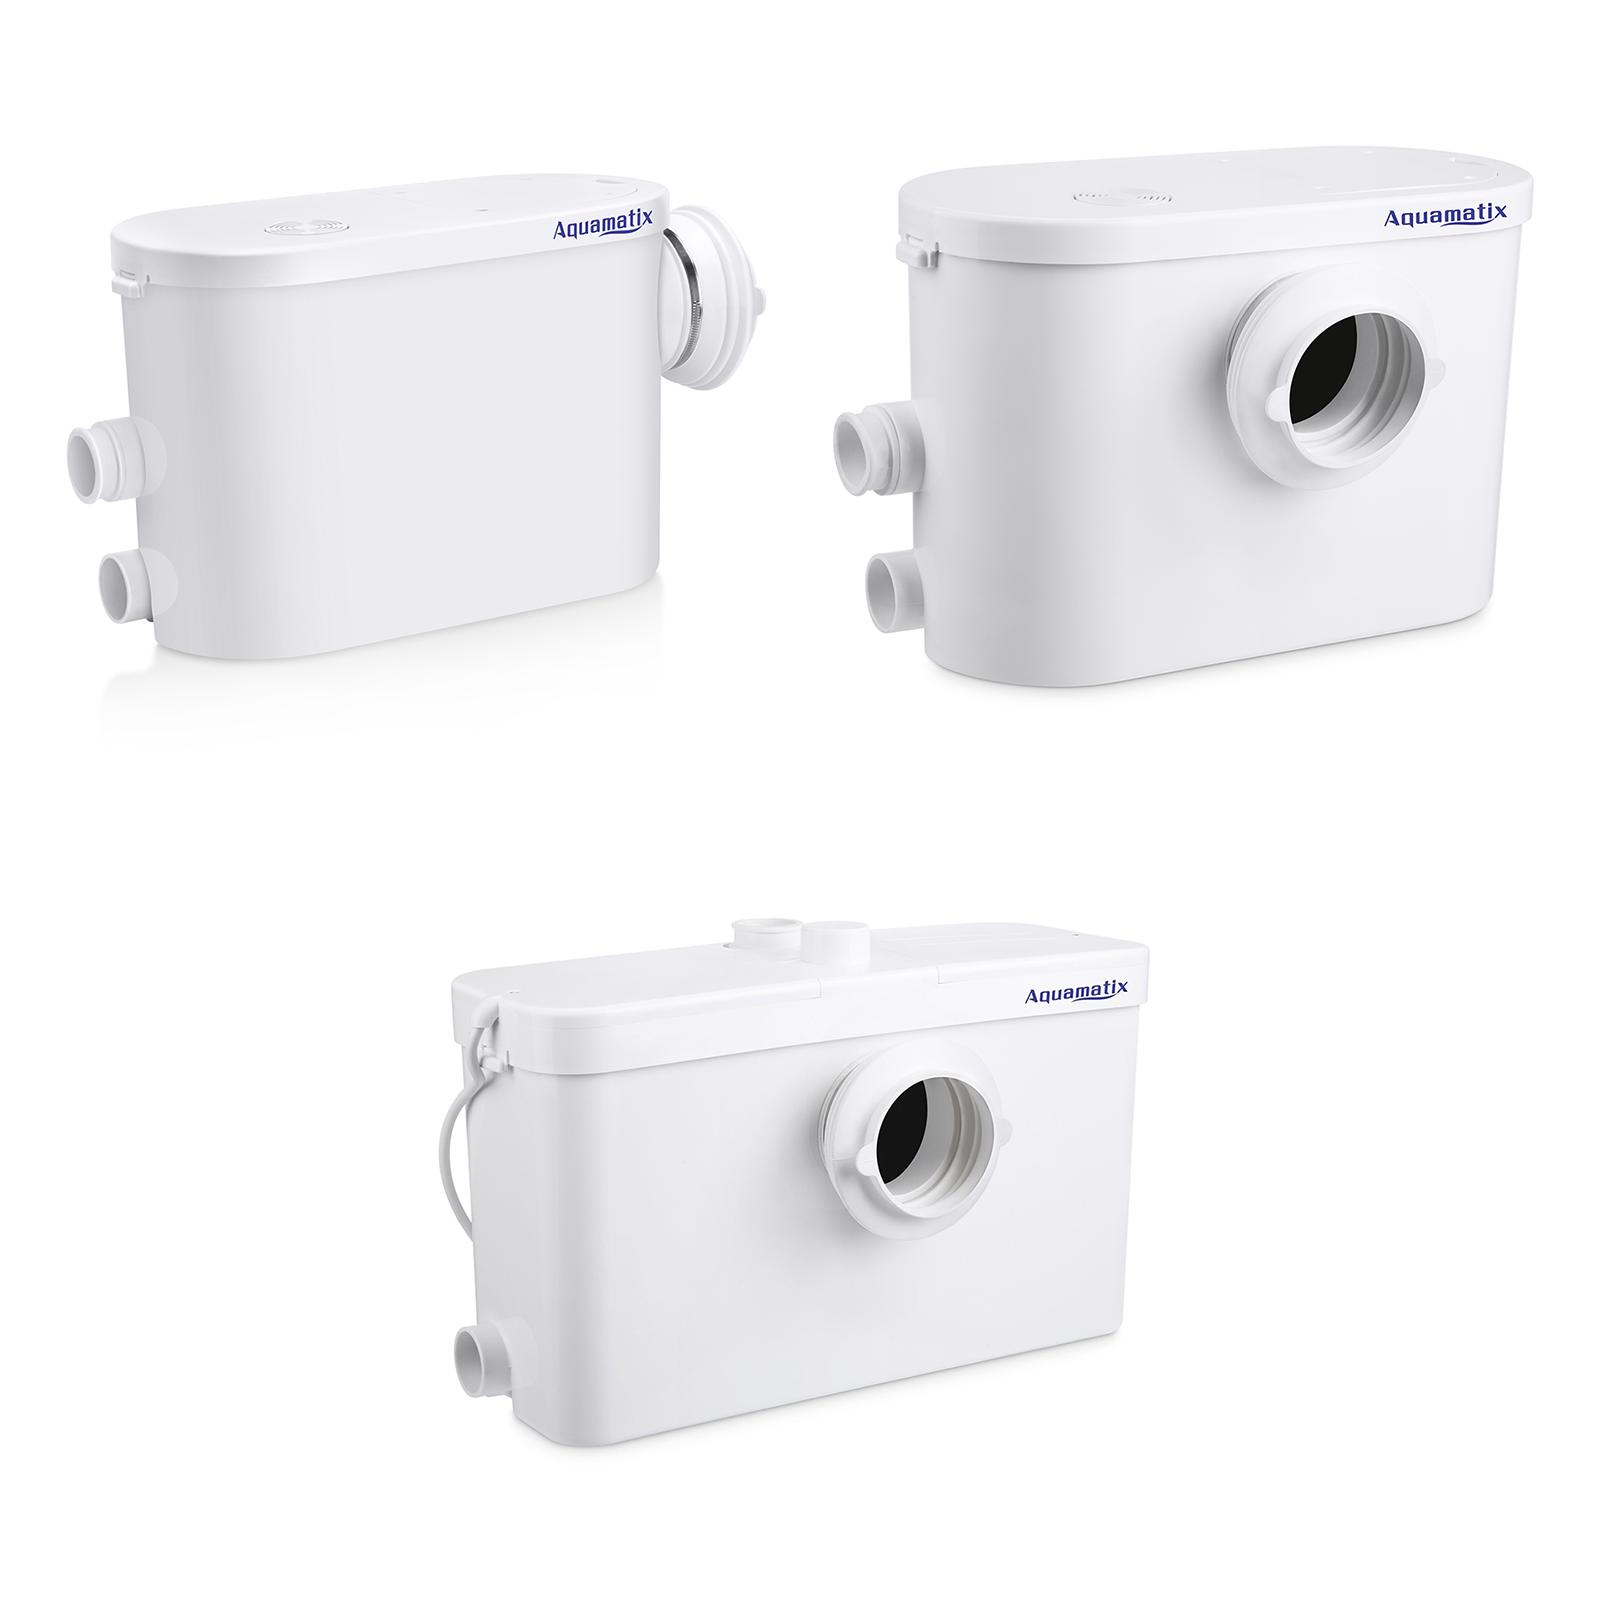 Hebeanlage Aquamatix Excellencia  Abwasserpumpe Haushaltspumpe Dusche WC Sanitär